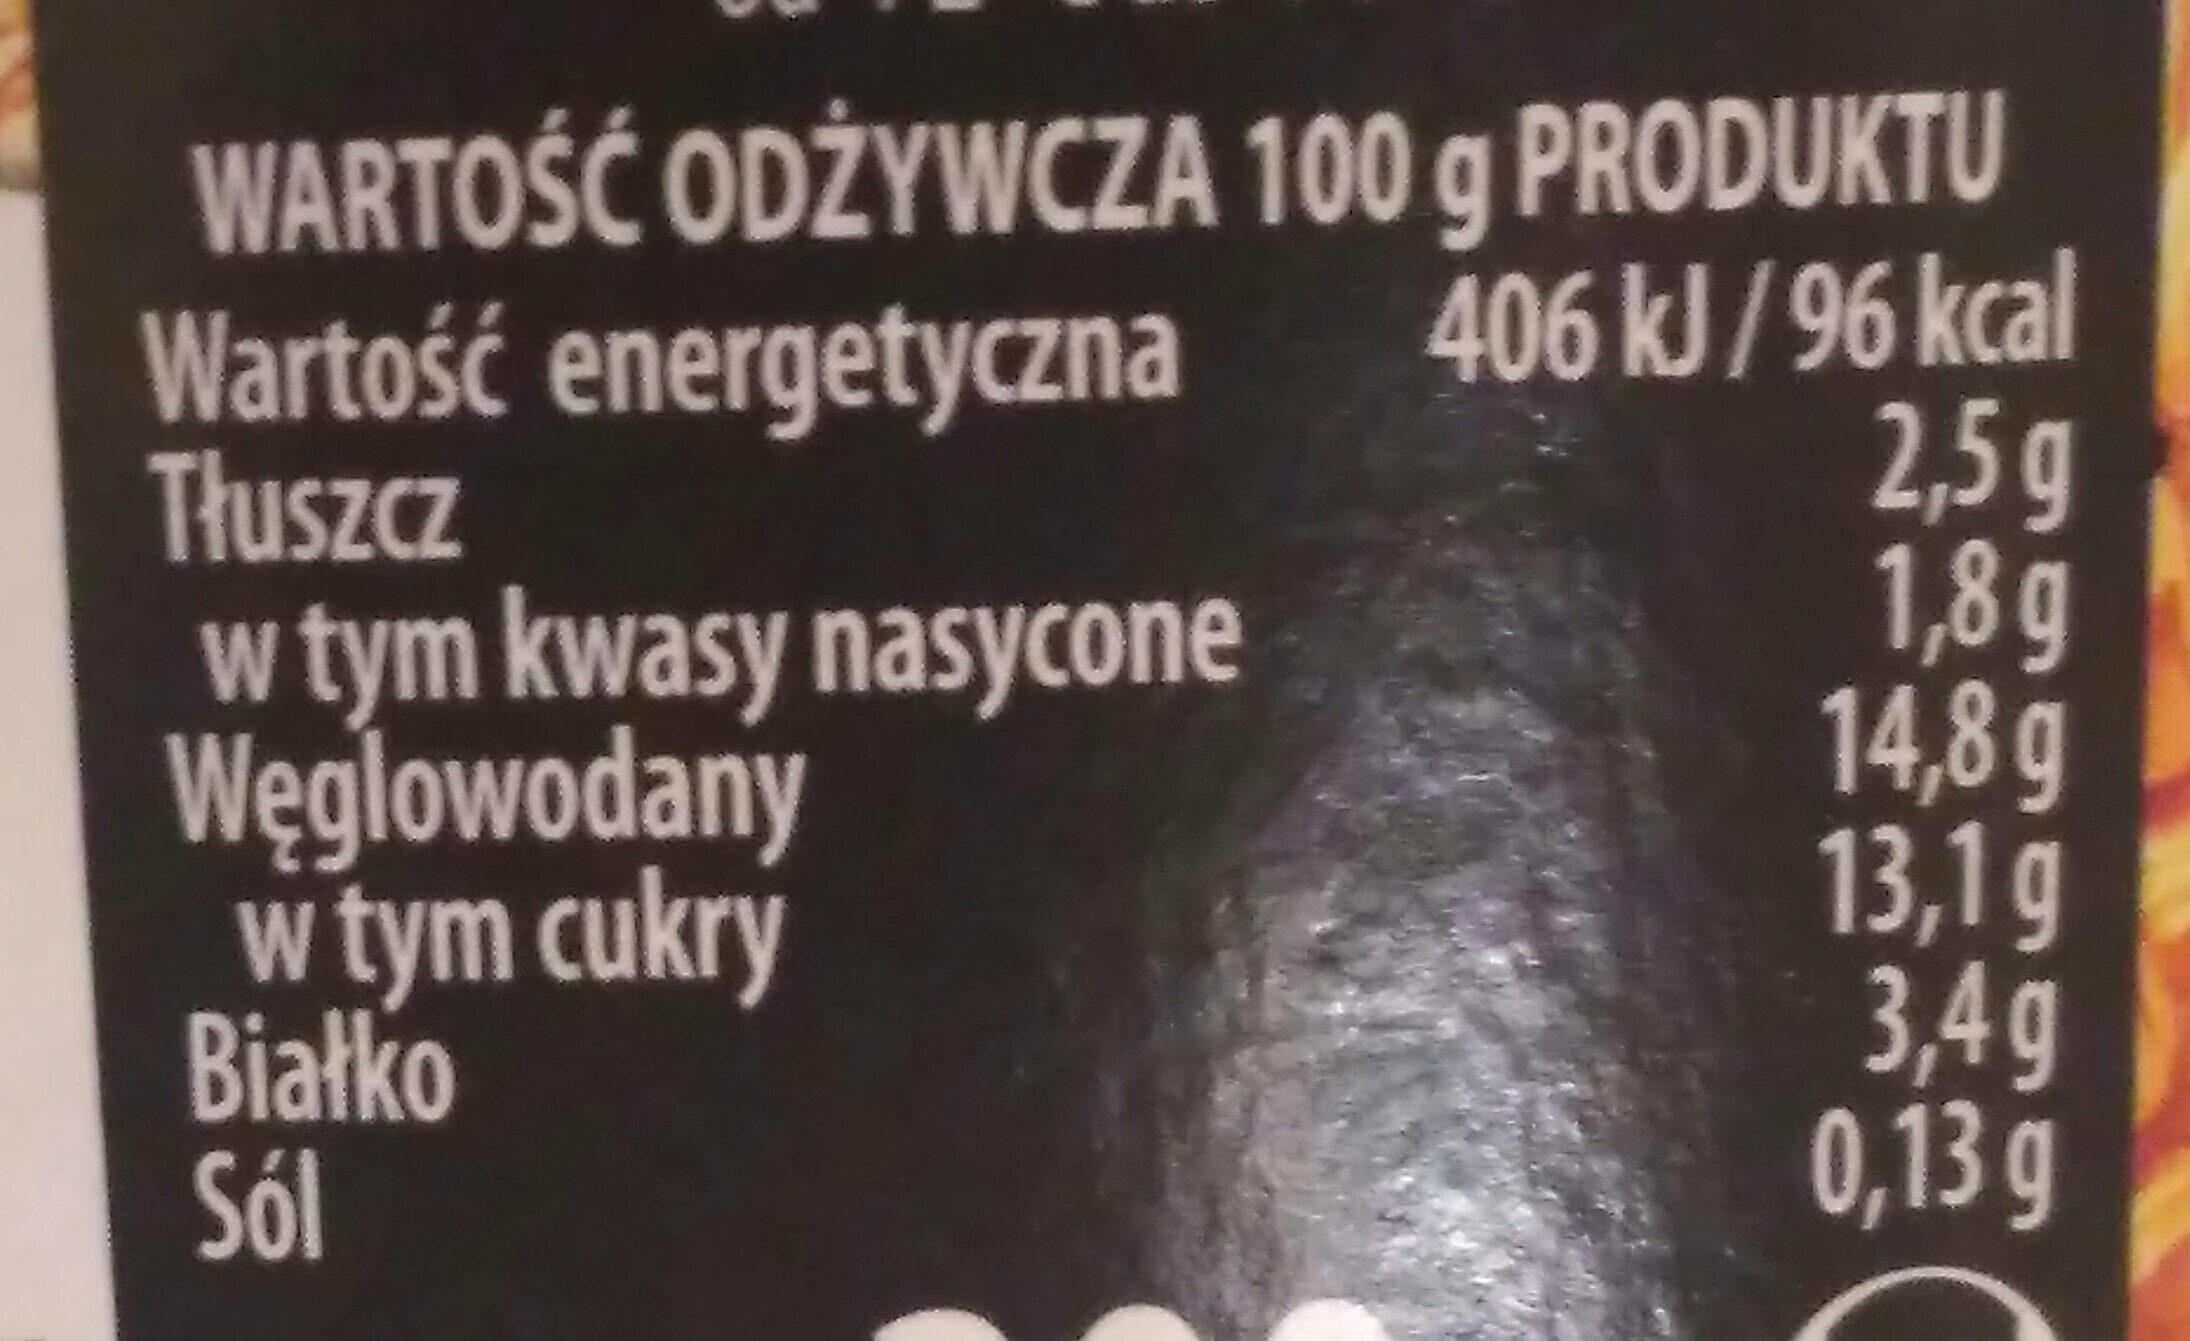 7zbóż - Wartości odżywcze - pl